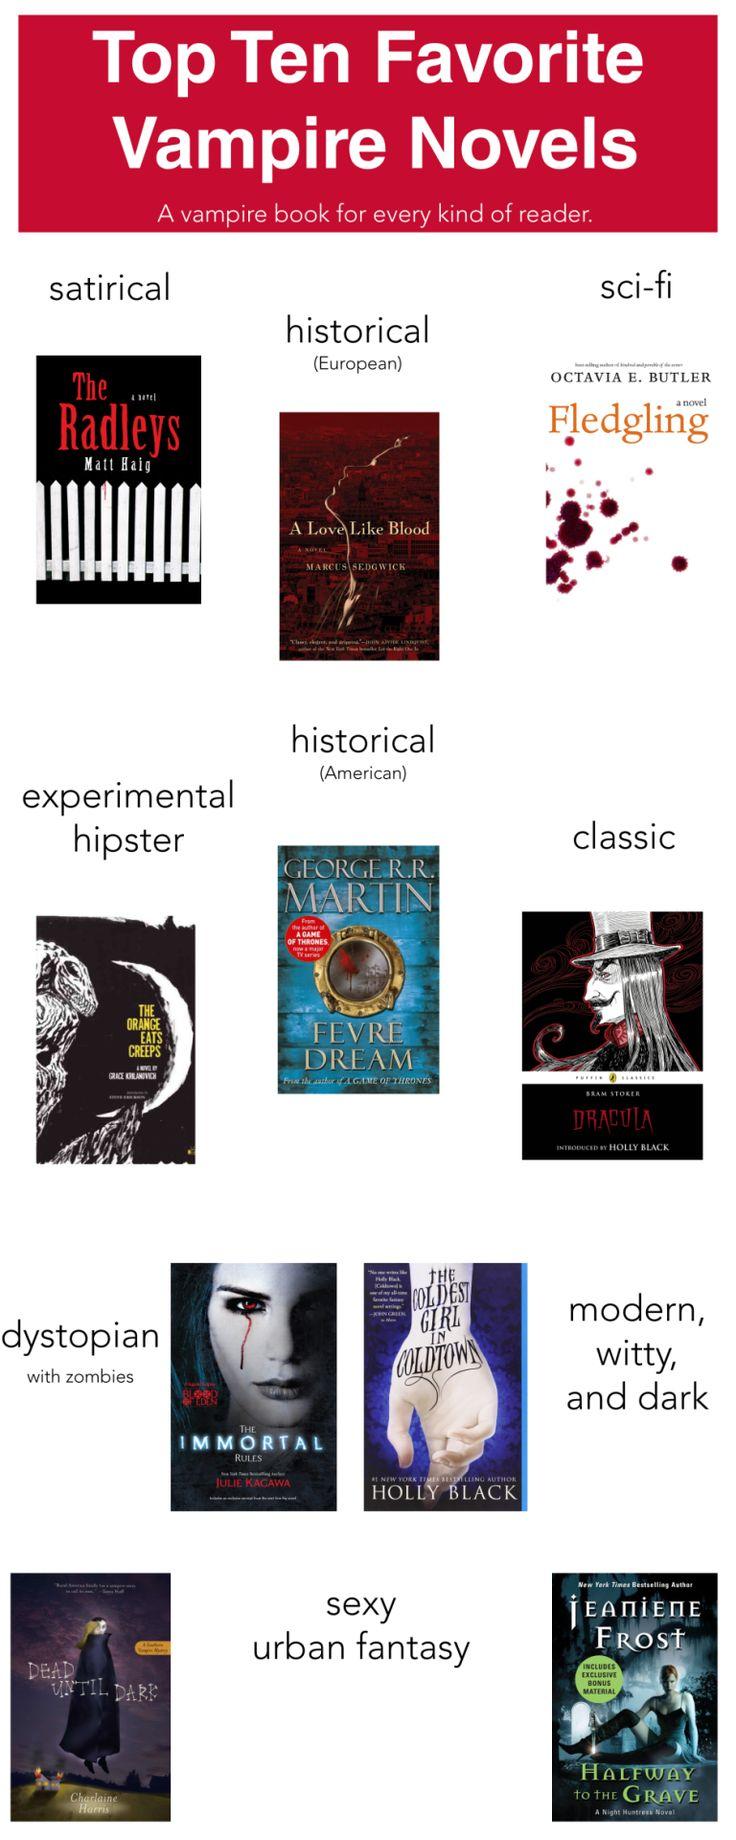 Favorite Vampire Novels